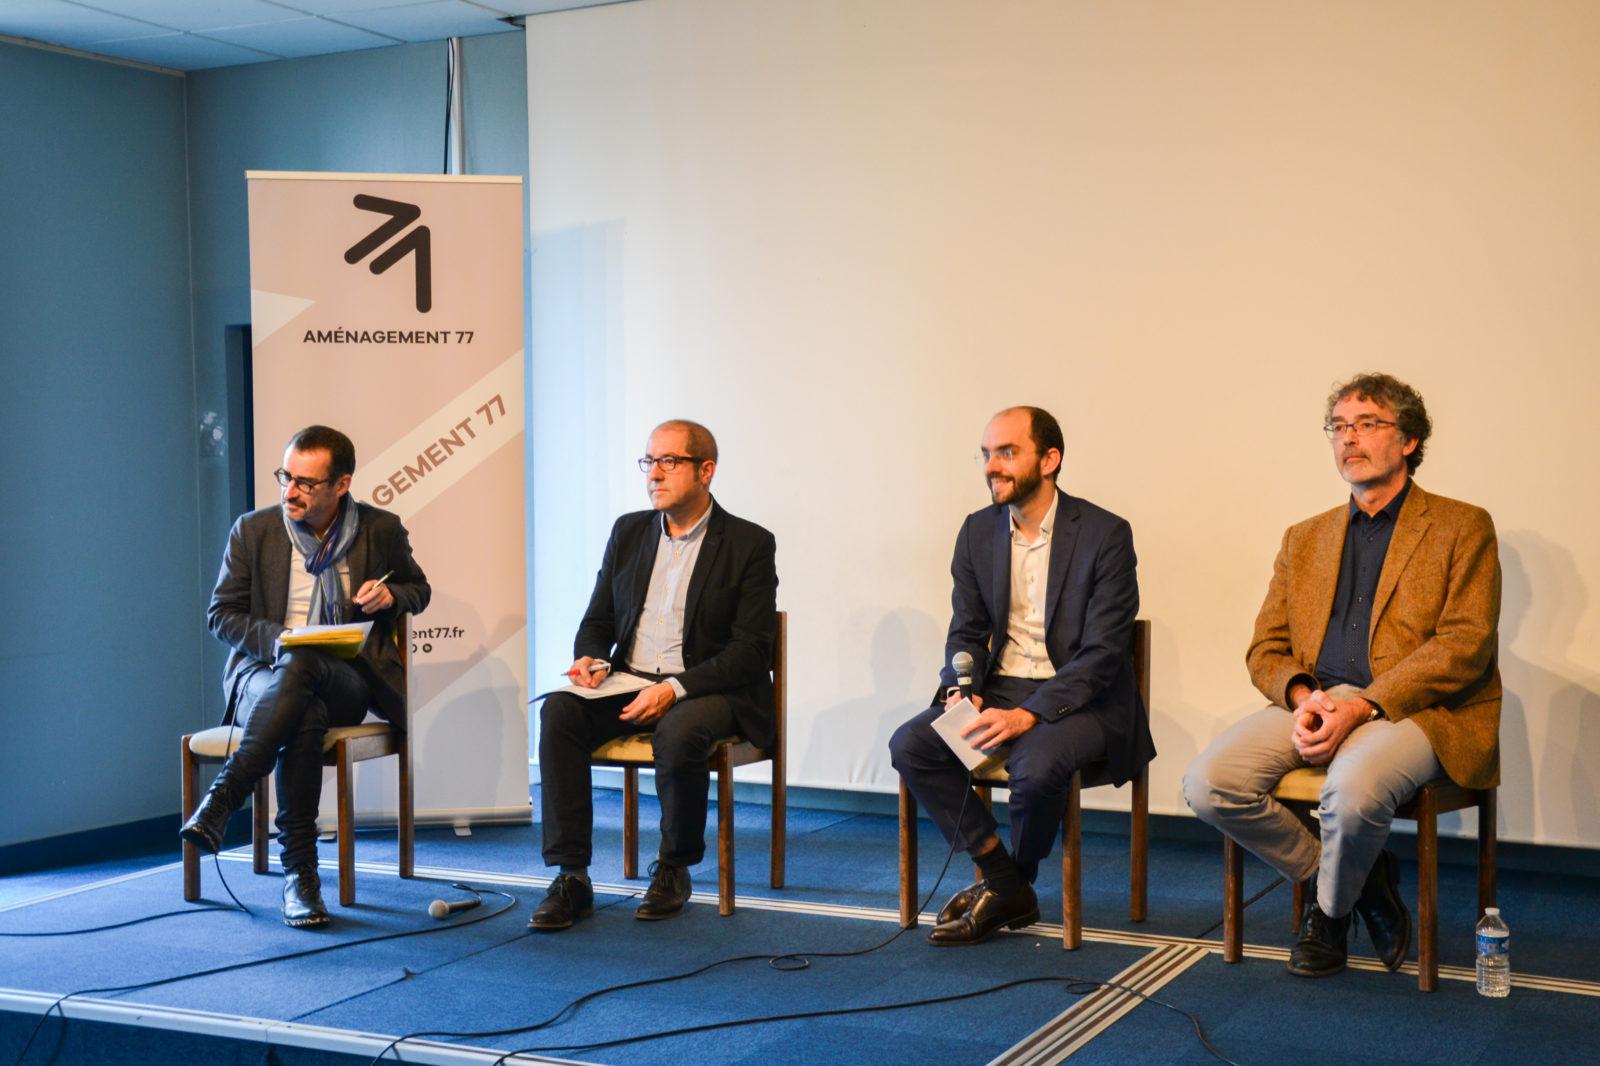 2è table ronde : Laurent LE CORRE (SCET), Enrique PORTOLA (DRIEE), Nicolas ROUX (EPA Marne), Dominique IGLESIAS (Thema Environnement)